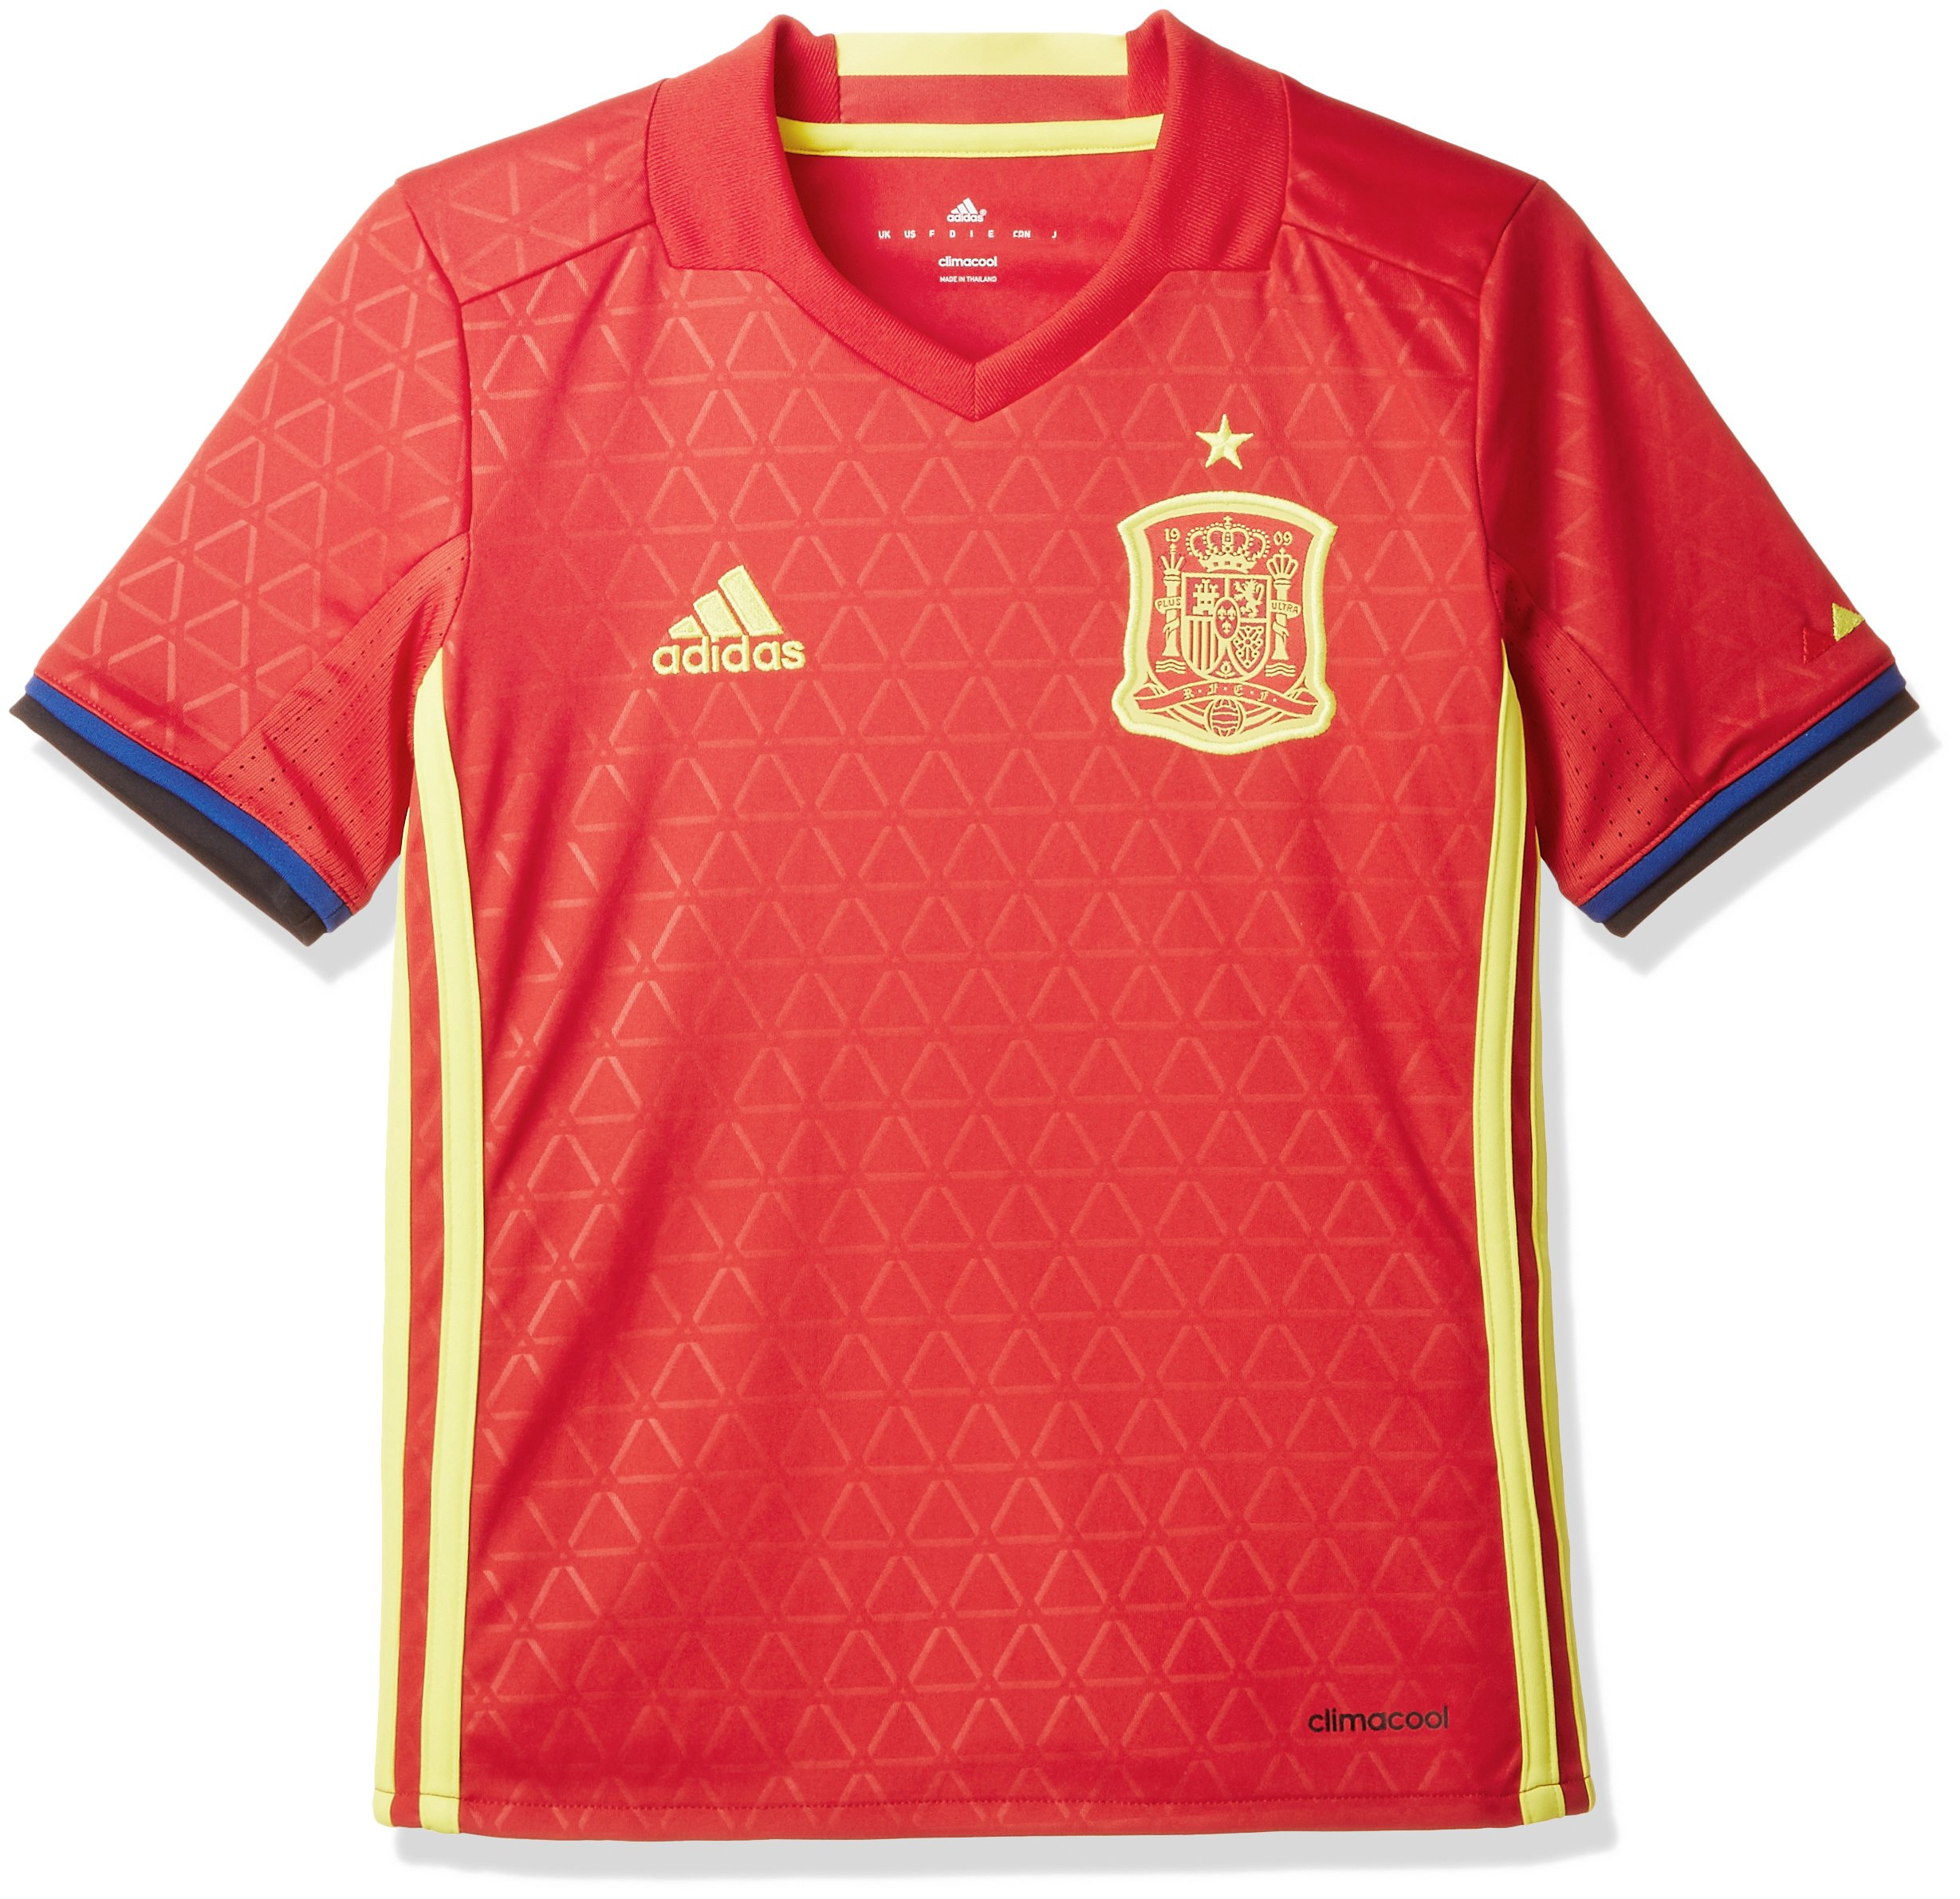 Adidas FEF H JSY Y Camiseta Selección Española de Futbol 1ª Equipación 2016/2017,